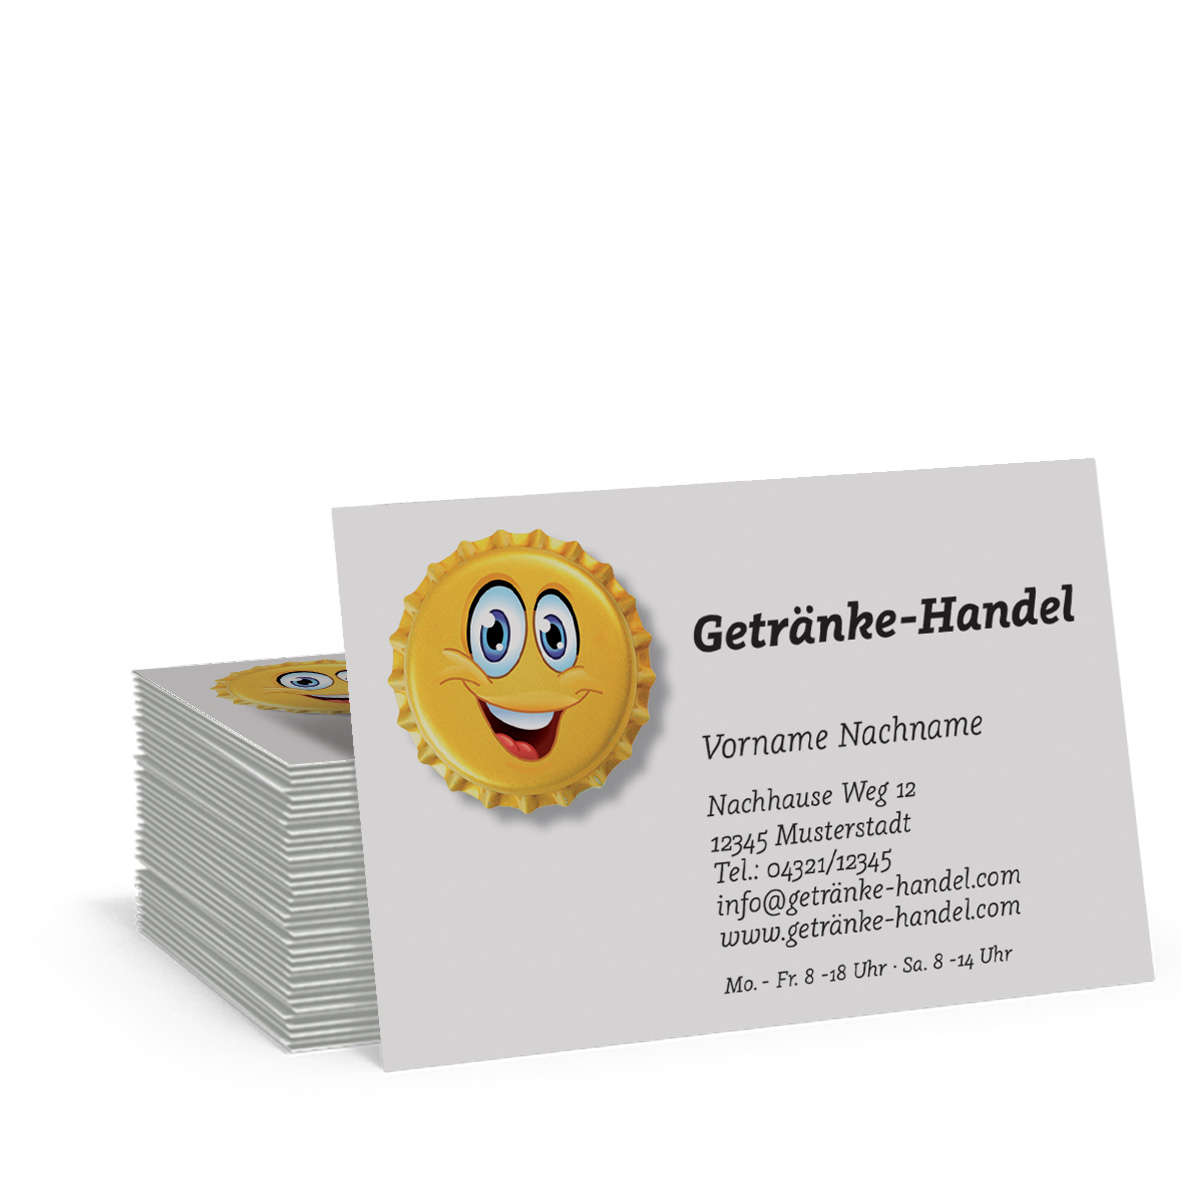 Pythagoras Marketing Gmbh Geschäftskarte Kronkorke Geschenkgutscheine Visitenkarten Kundenkarten Und Weitere Treuesysteme